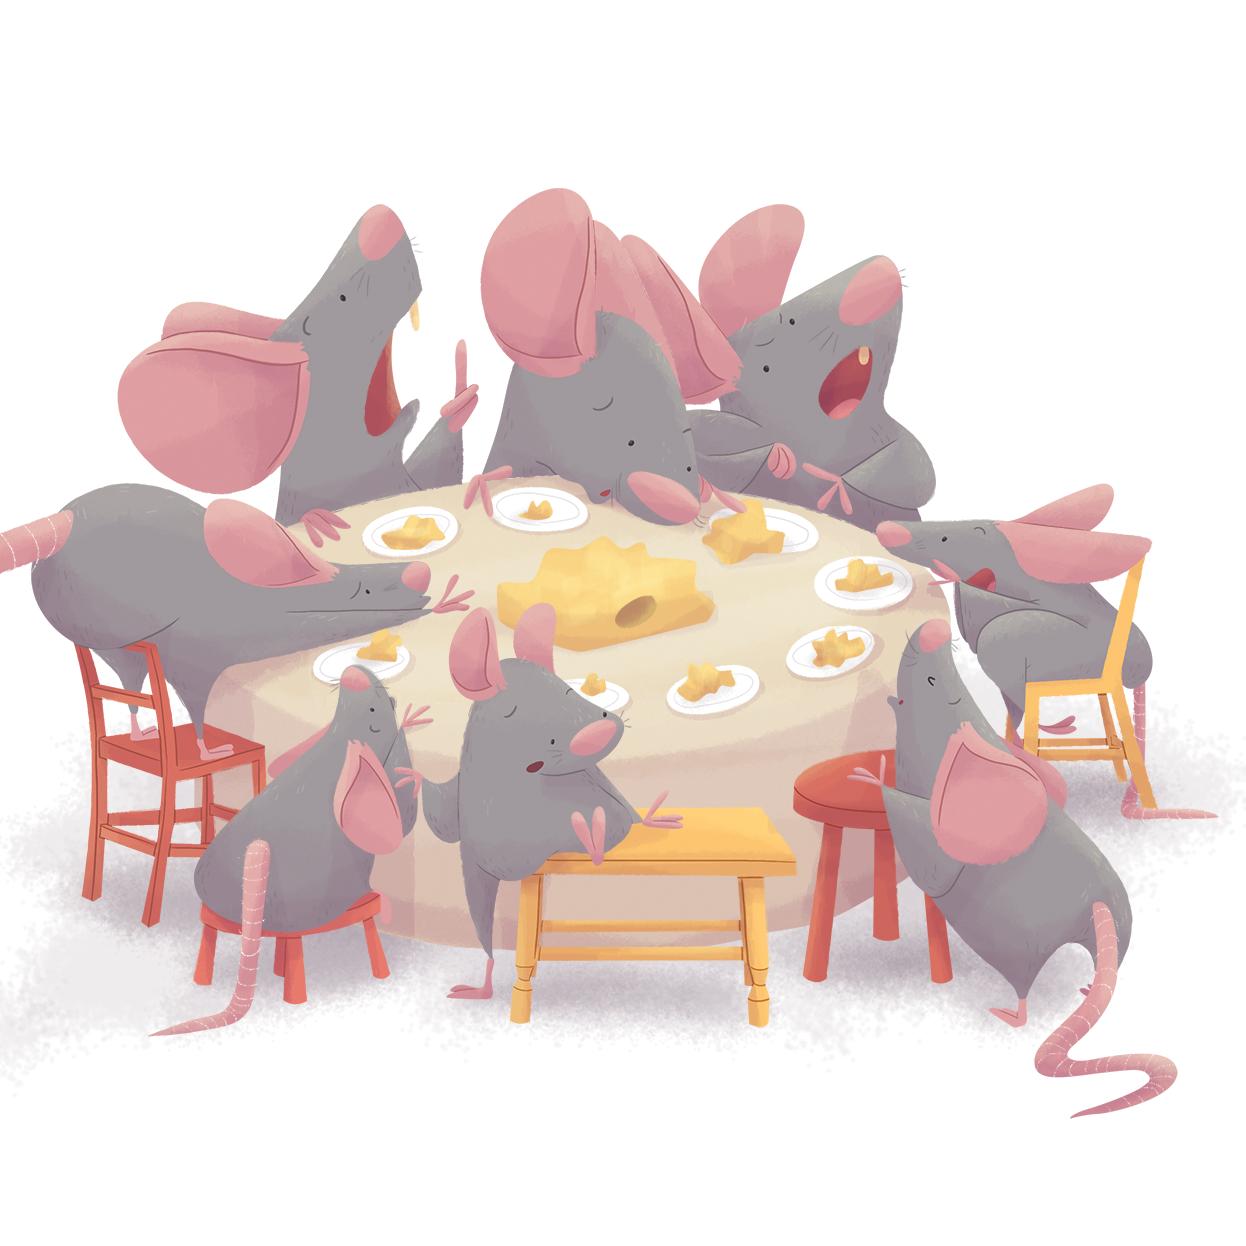 ilustracion infantil sneak peek raton comida mesa